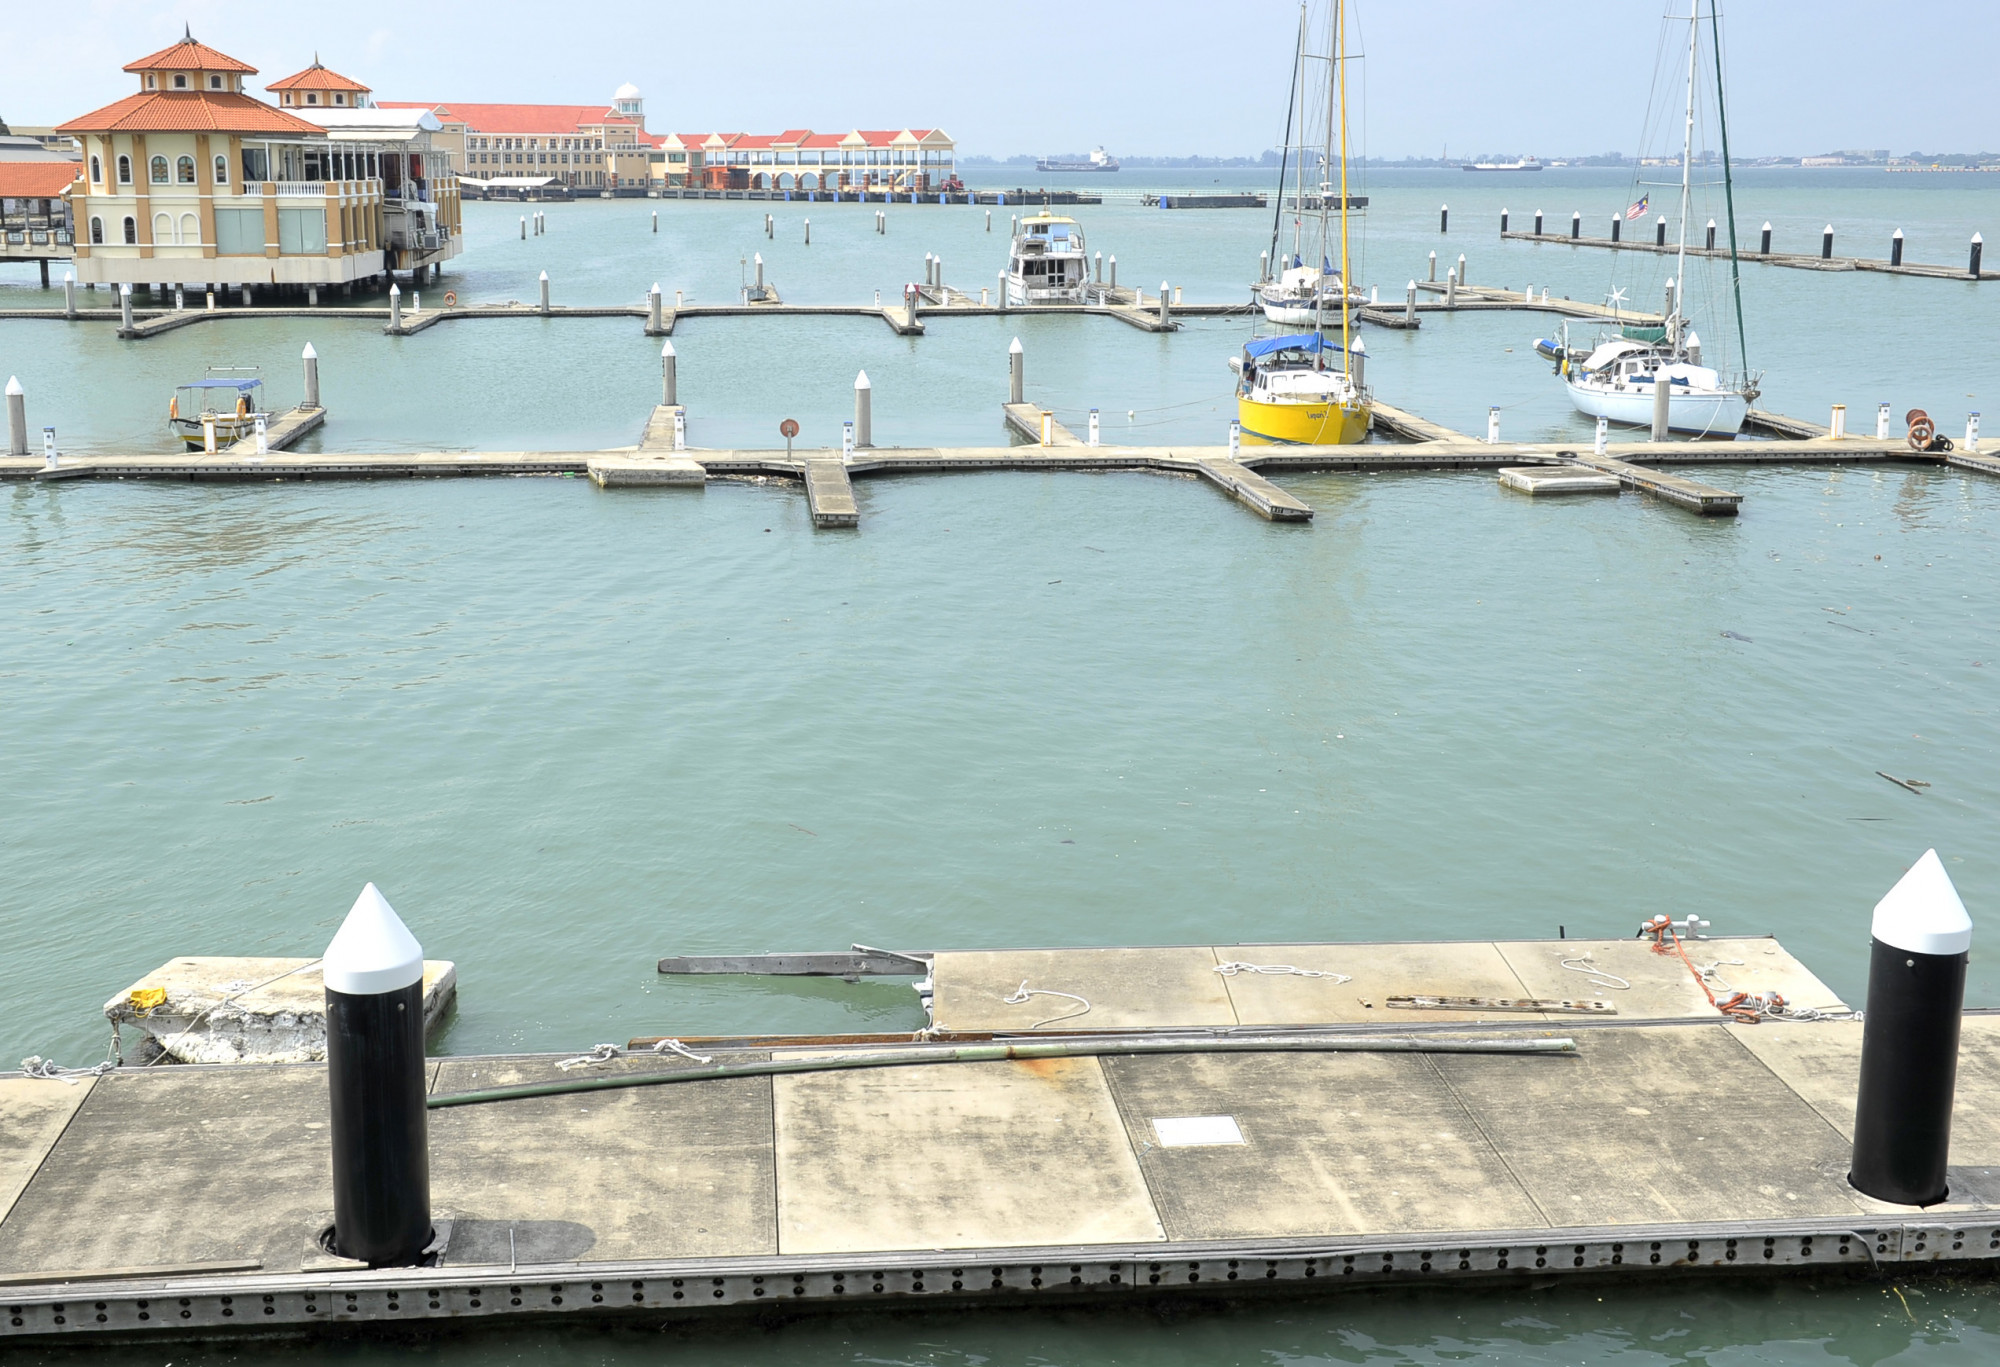 2艘旧渡轮 拟打造为海上餐厅博物馆